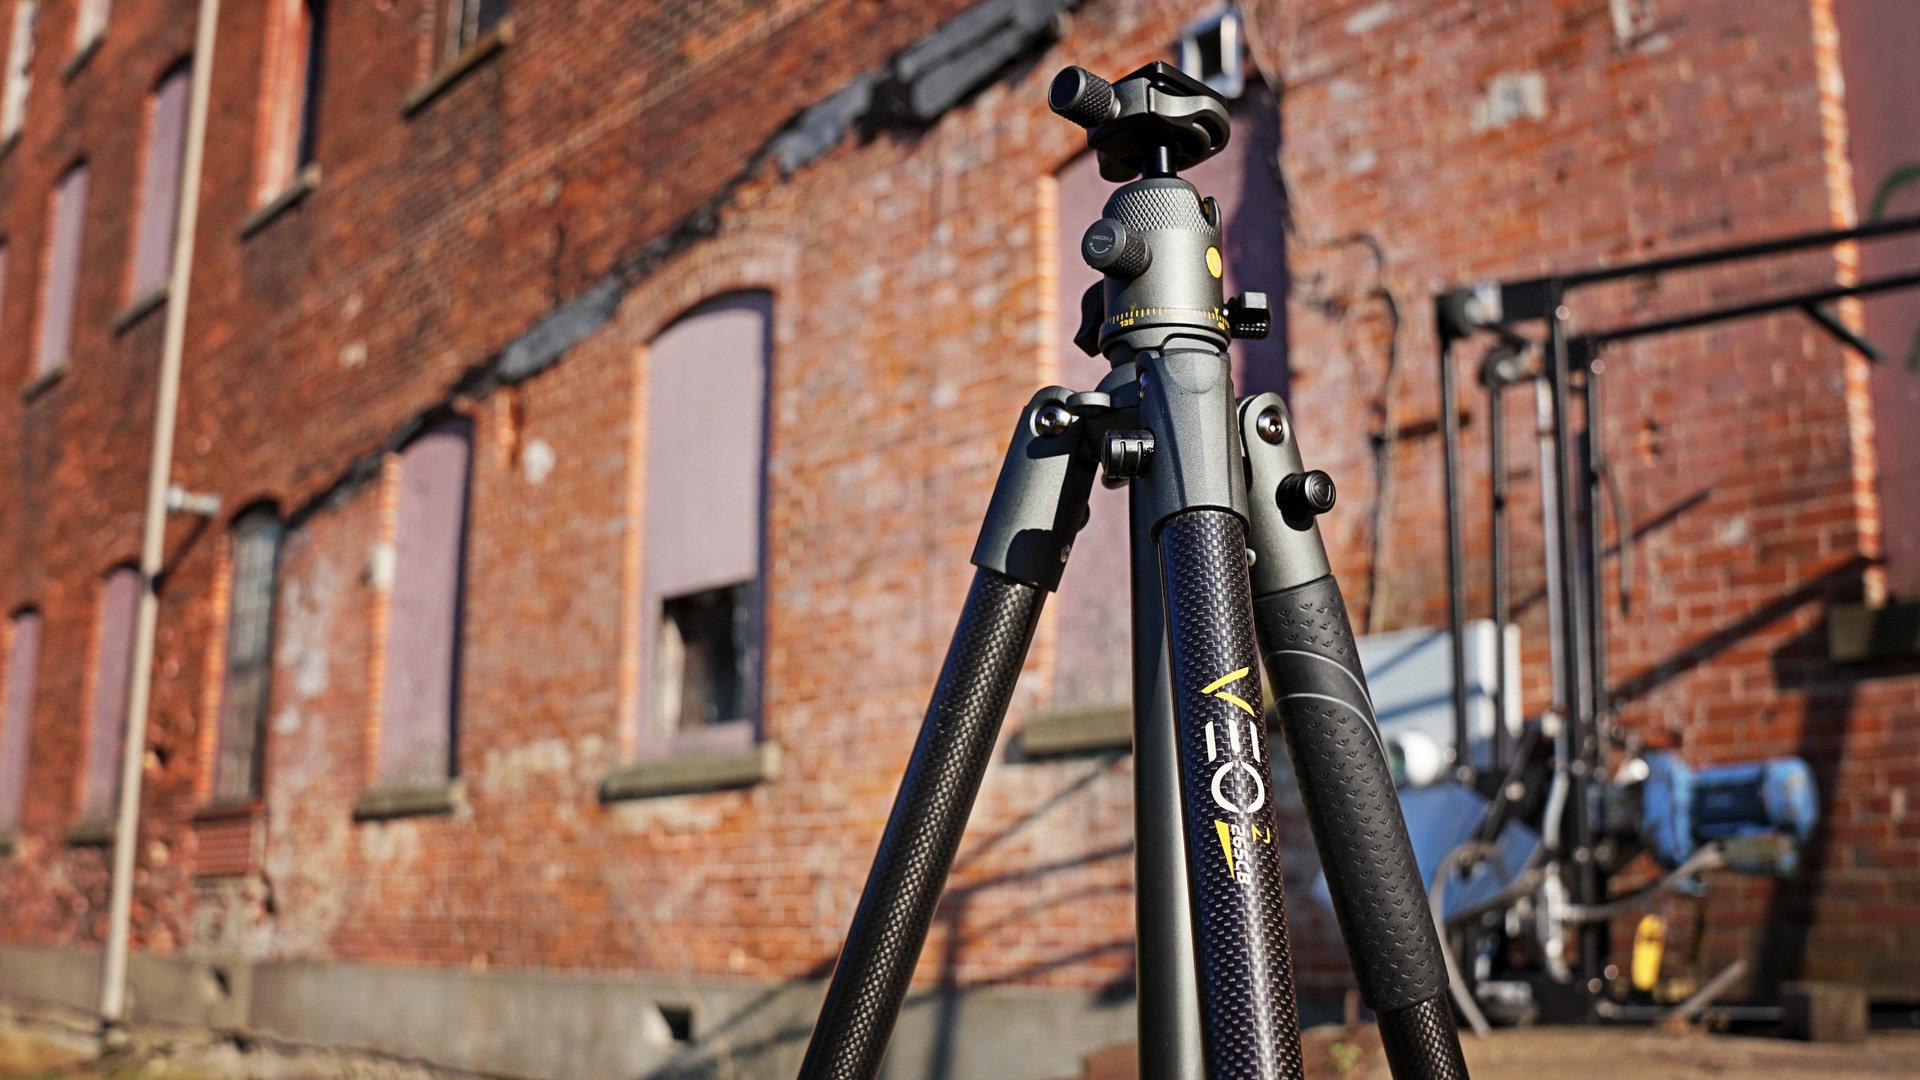 Statyw-Vanguard VEO 2 235 CB przetestowany przez FaniMomentu